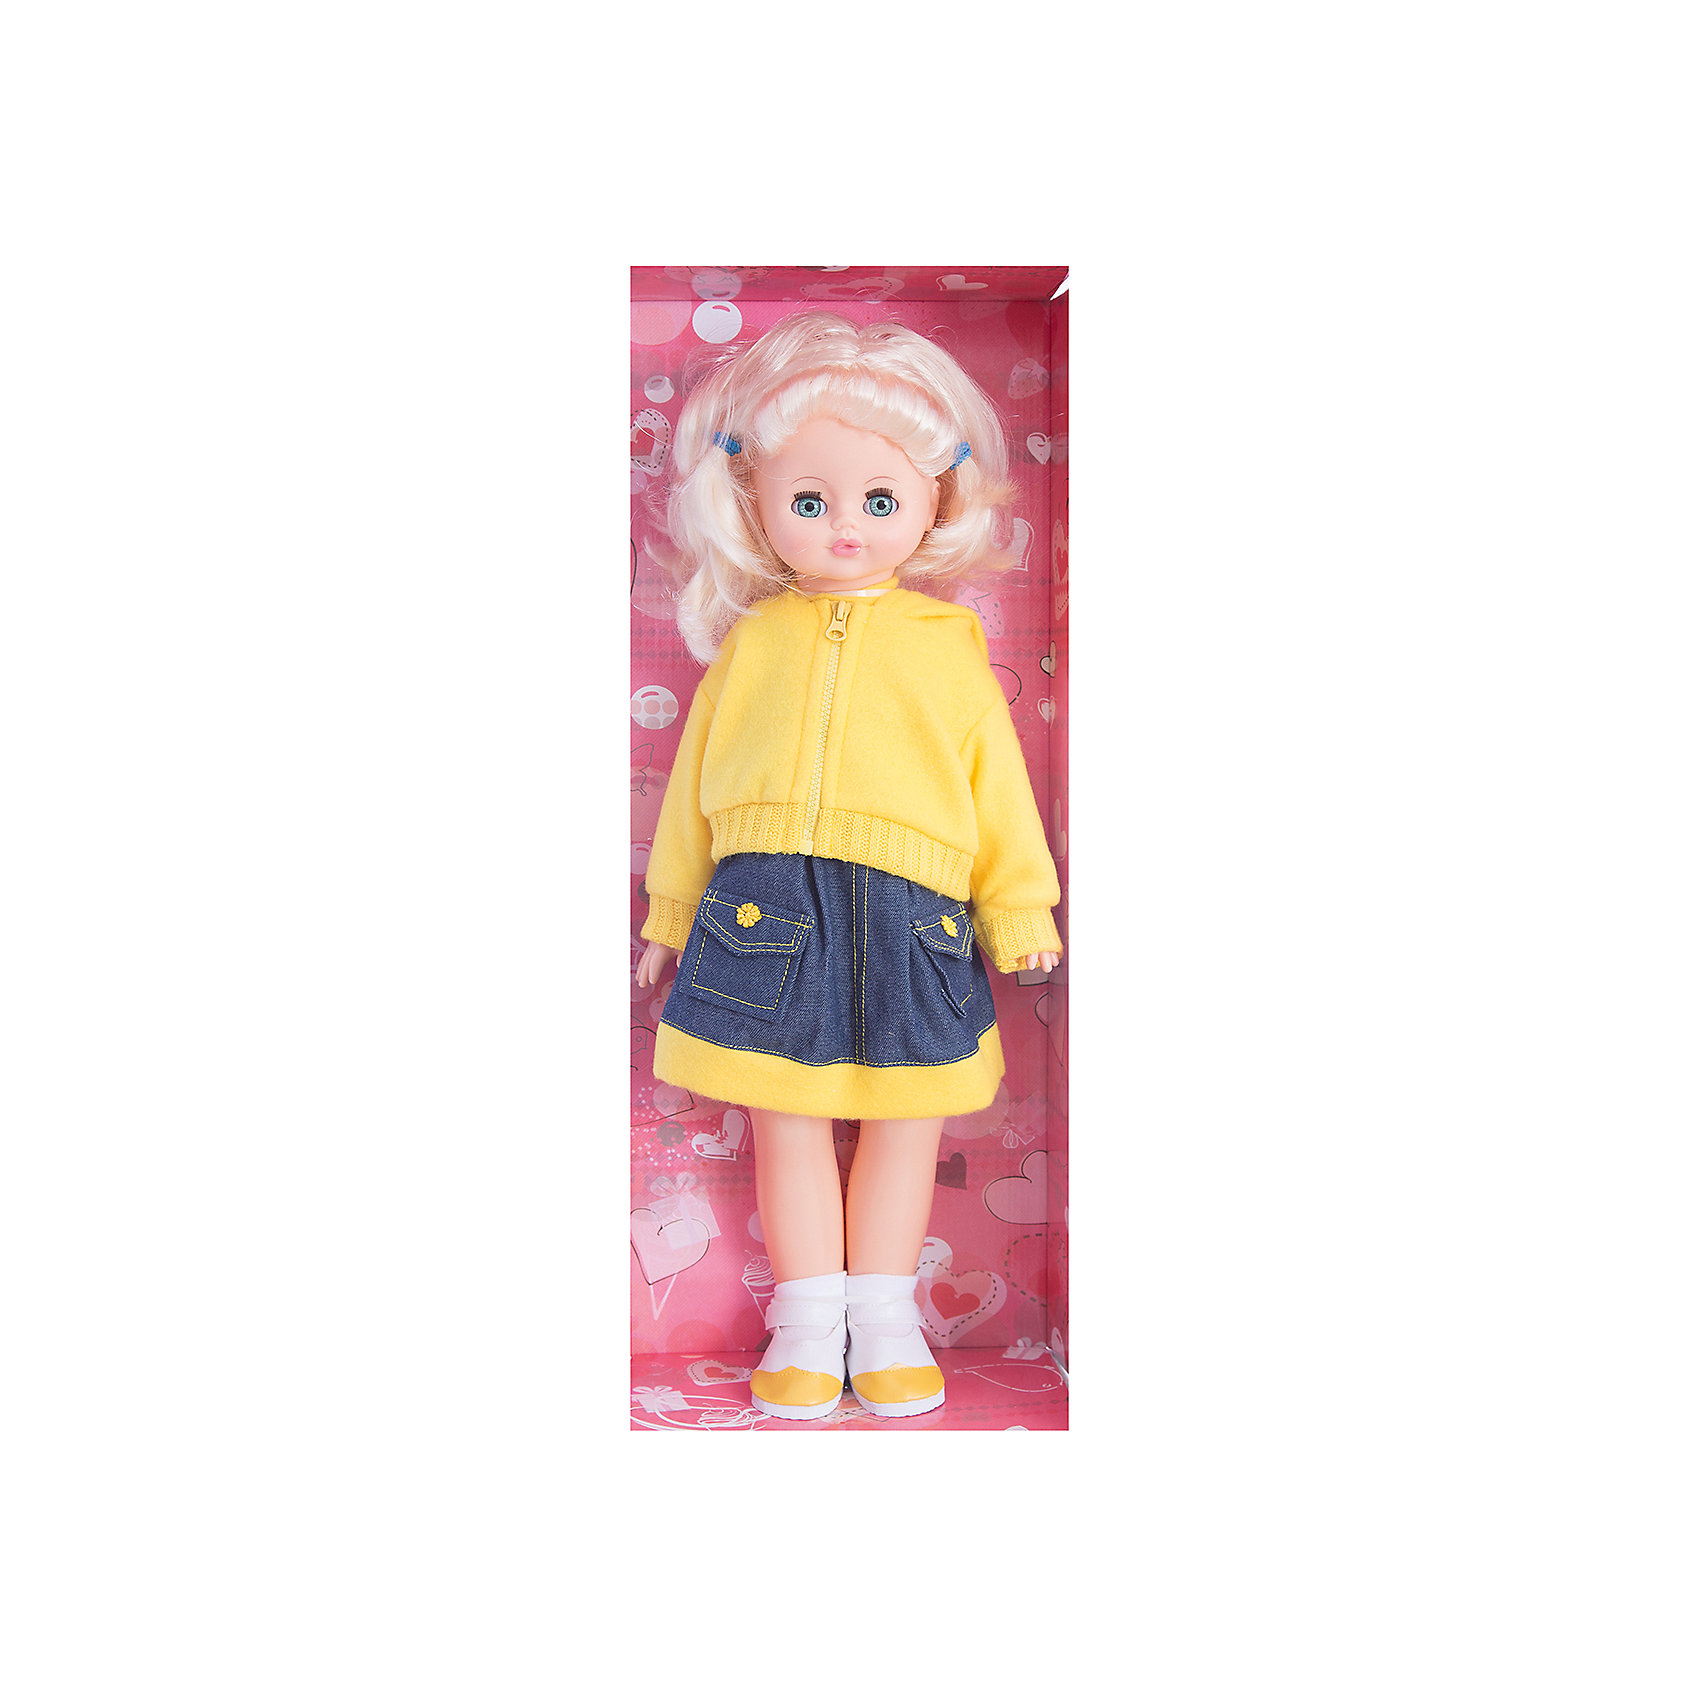 Ходячая кукла Алиса 7 (пластмассовая), со звуком, 55 см, ВеснаКлассические куклы<br>Игрушки от компании Весна - это простой способ порадовать ребенка! Кукла для девочки - это не только игрушка, с которой можно весело провести время, кукла - это возможность отрабатывать навыки поведения в обществе, учиться заботе о других, делать прически и одеваться согласно моде и поводу.<br>Эта красивая классическая кукла не только эффектно выглядит, она дополнена звуковым модулем! Также она может ходить, если вести ее за руку. Игрушка модно одета и снабжена аксессуарами. Такая кукла запросто может стать самой любимой игрушкой! Произведена из безопасных для ребенка и качественных материалов.<br><br>Дополнительная информация:<br><br>цвет: разноцветный;<br>материал: пластик, текстиль;<br>комплектация: кукла, одежда, аксессуары;<br>звуковой модуль, умеет ходить;<br>высота: 55 см.<br><br>Ходячую куклу Алиса 7, со звуком, 55 см,  от компании Весна можно купить в нашем магазине.<br><br>Ширина мм: 240<br>Глубина мм: 150<br>Высота мм: 590<br>Вес г: 900<br>Возраст от месяцев: 36<br>Возраст до месяцев: 120<br>Пол: Женский<br>Возраст: Детский<br>SKU: 4642041